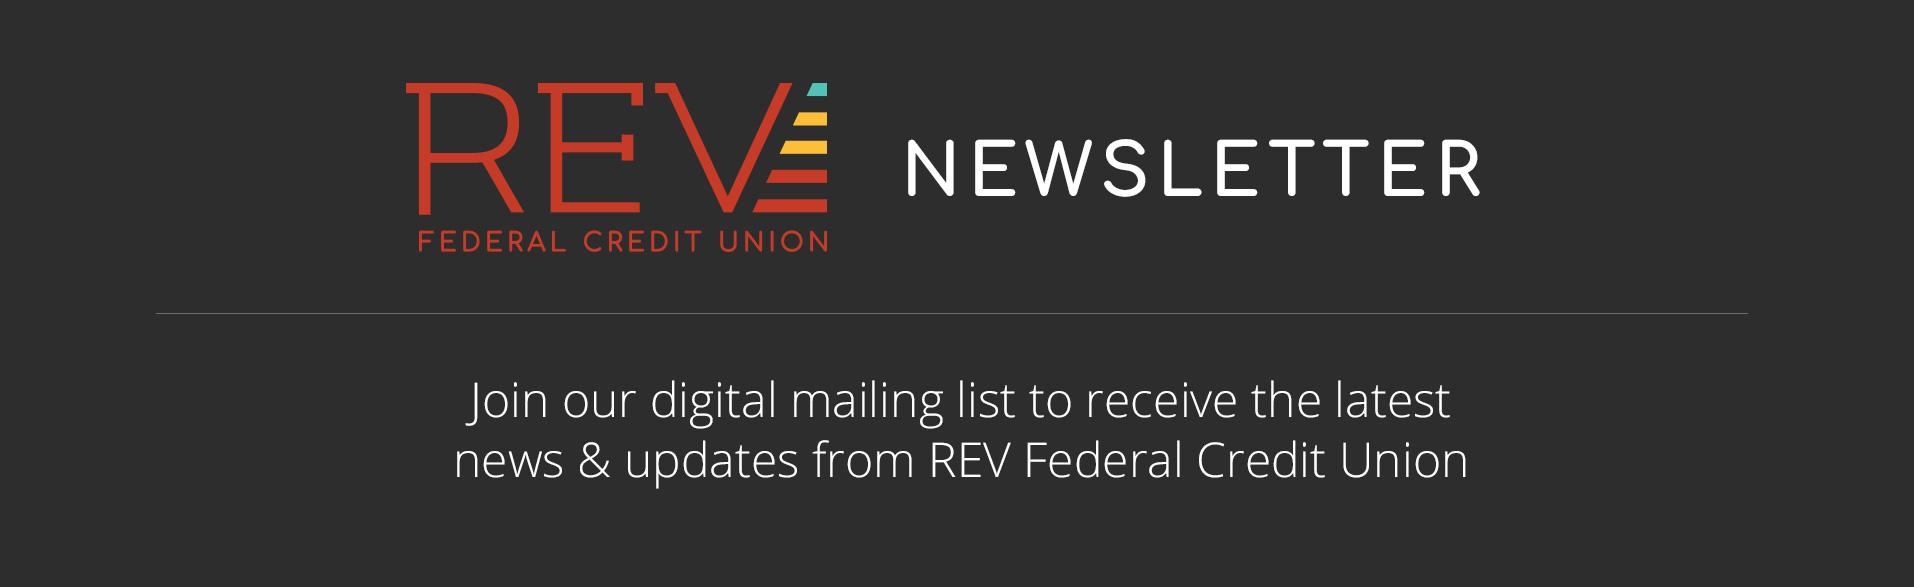 REV Newsletter